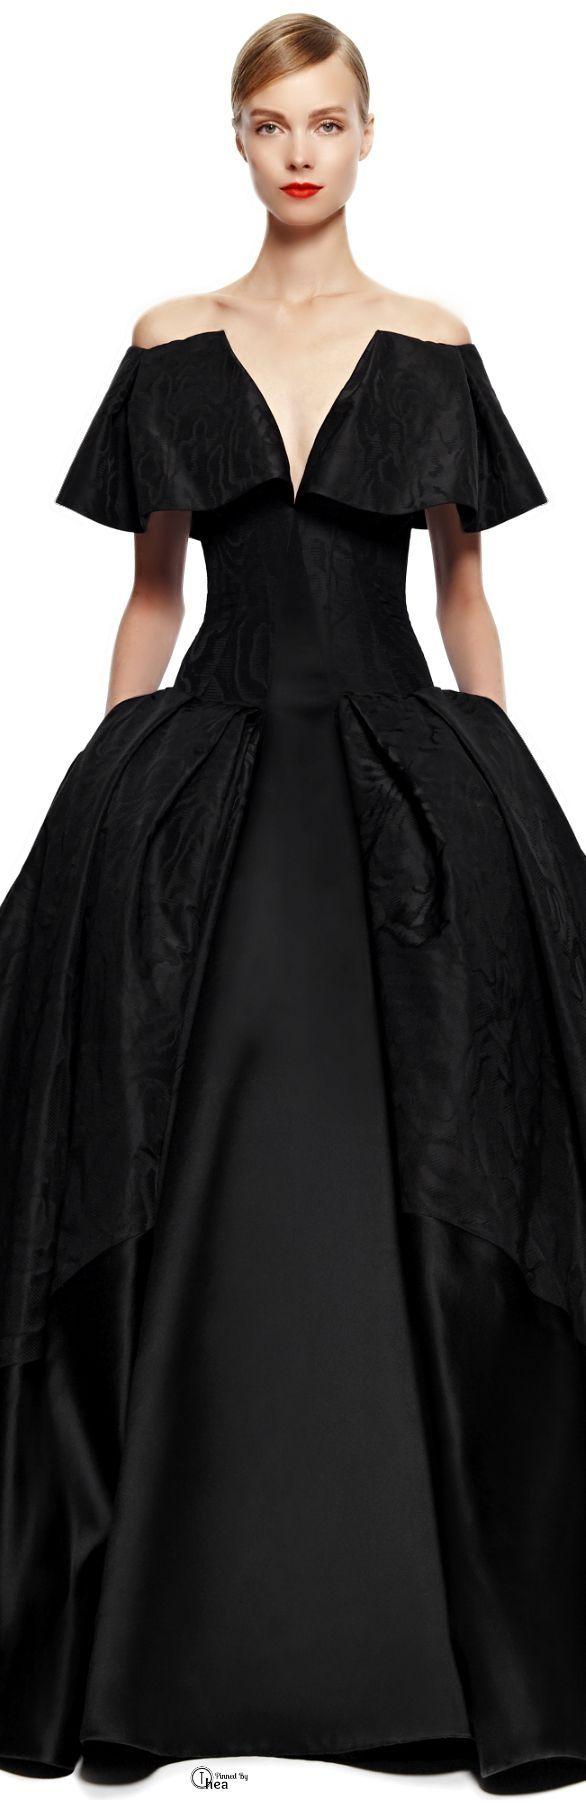 44 best zac posen haute couture images on pinterest high for Zac posen short wedding dress